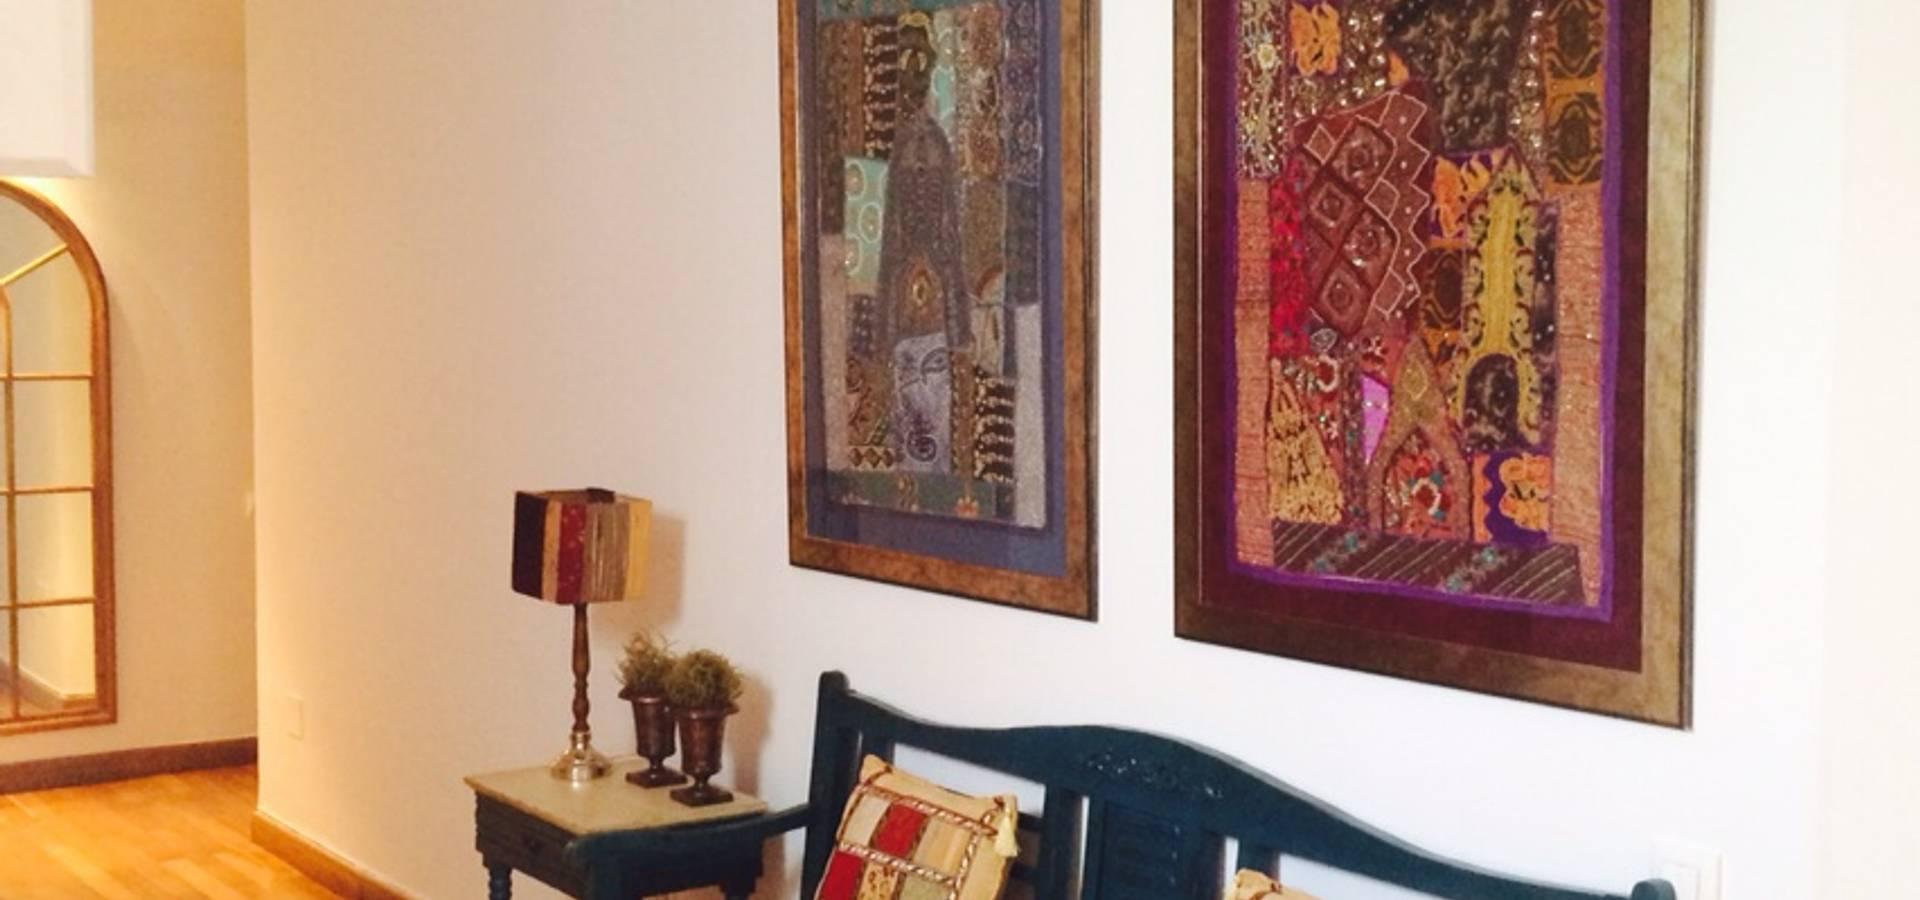 Diego camacho decoracion decoradores y dise adores de - Disenadores de sevilla ...